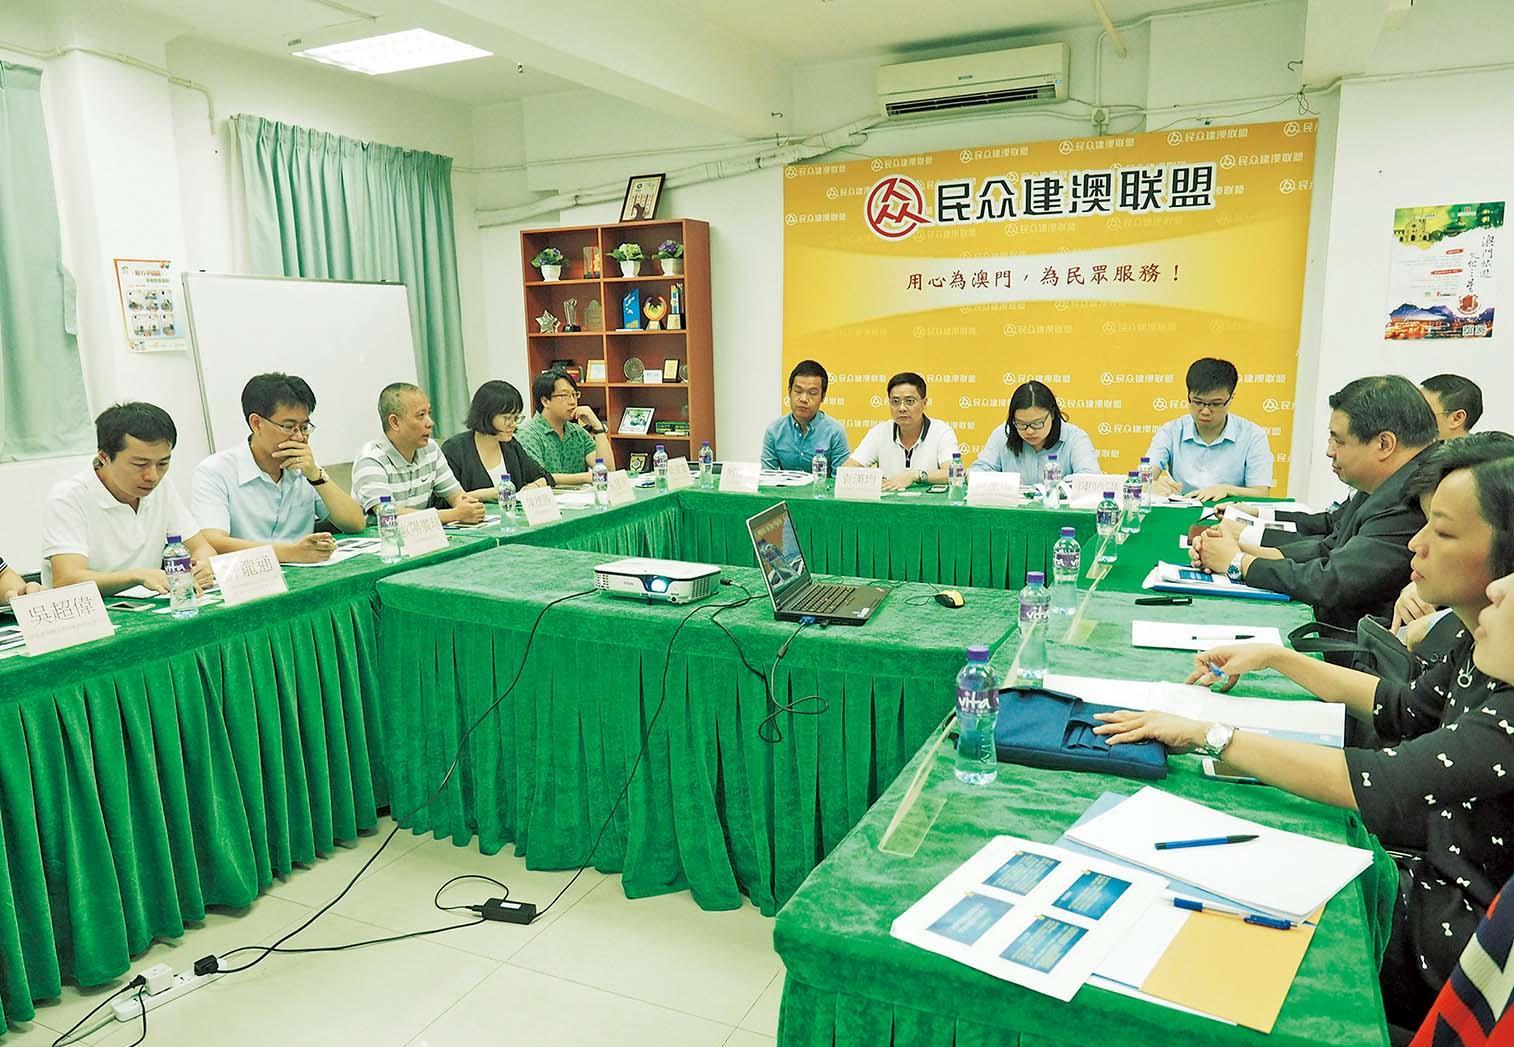 消委會收集對《消保法》意見